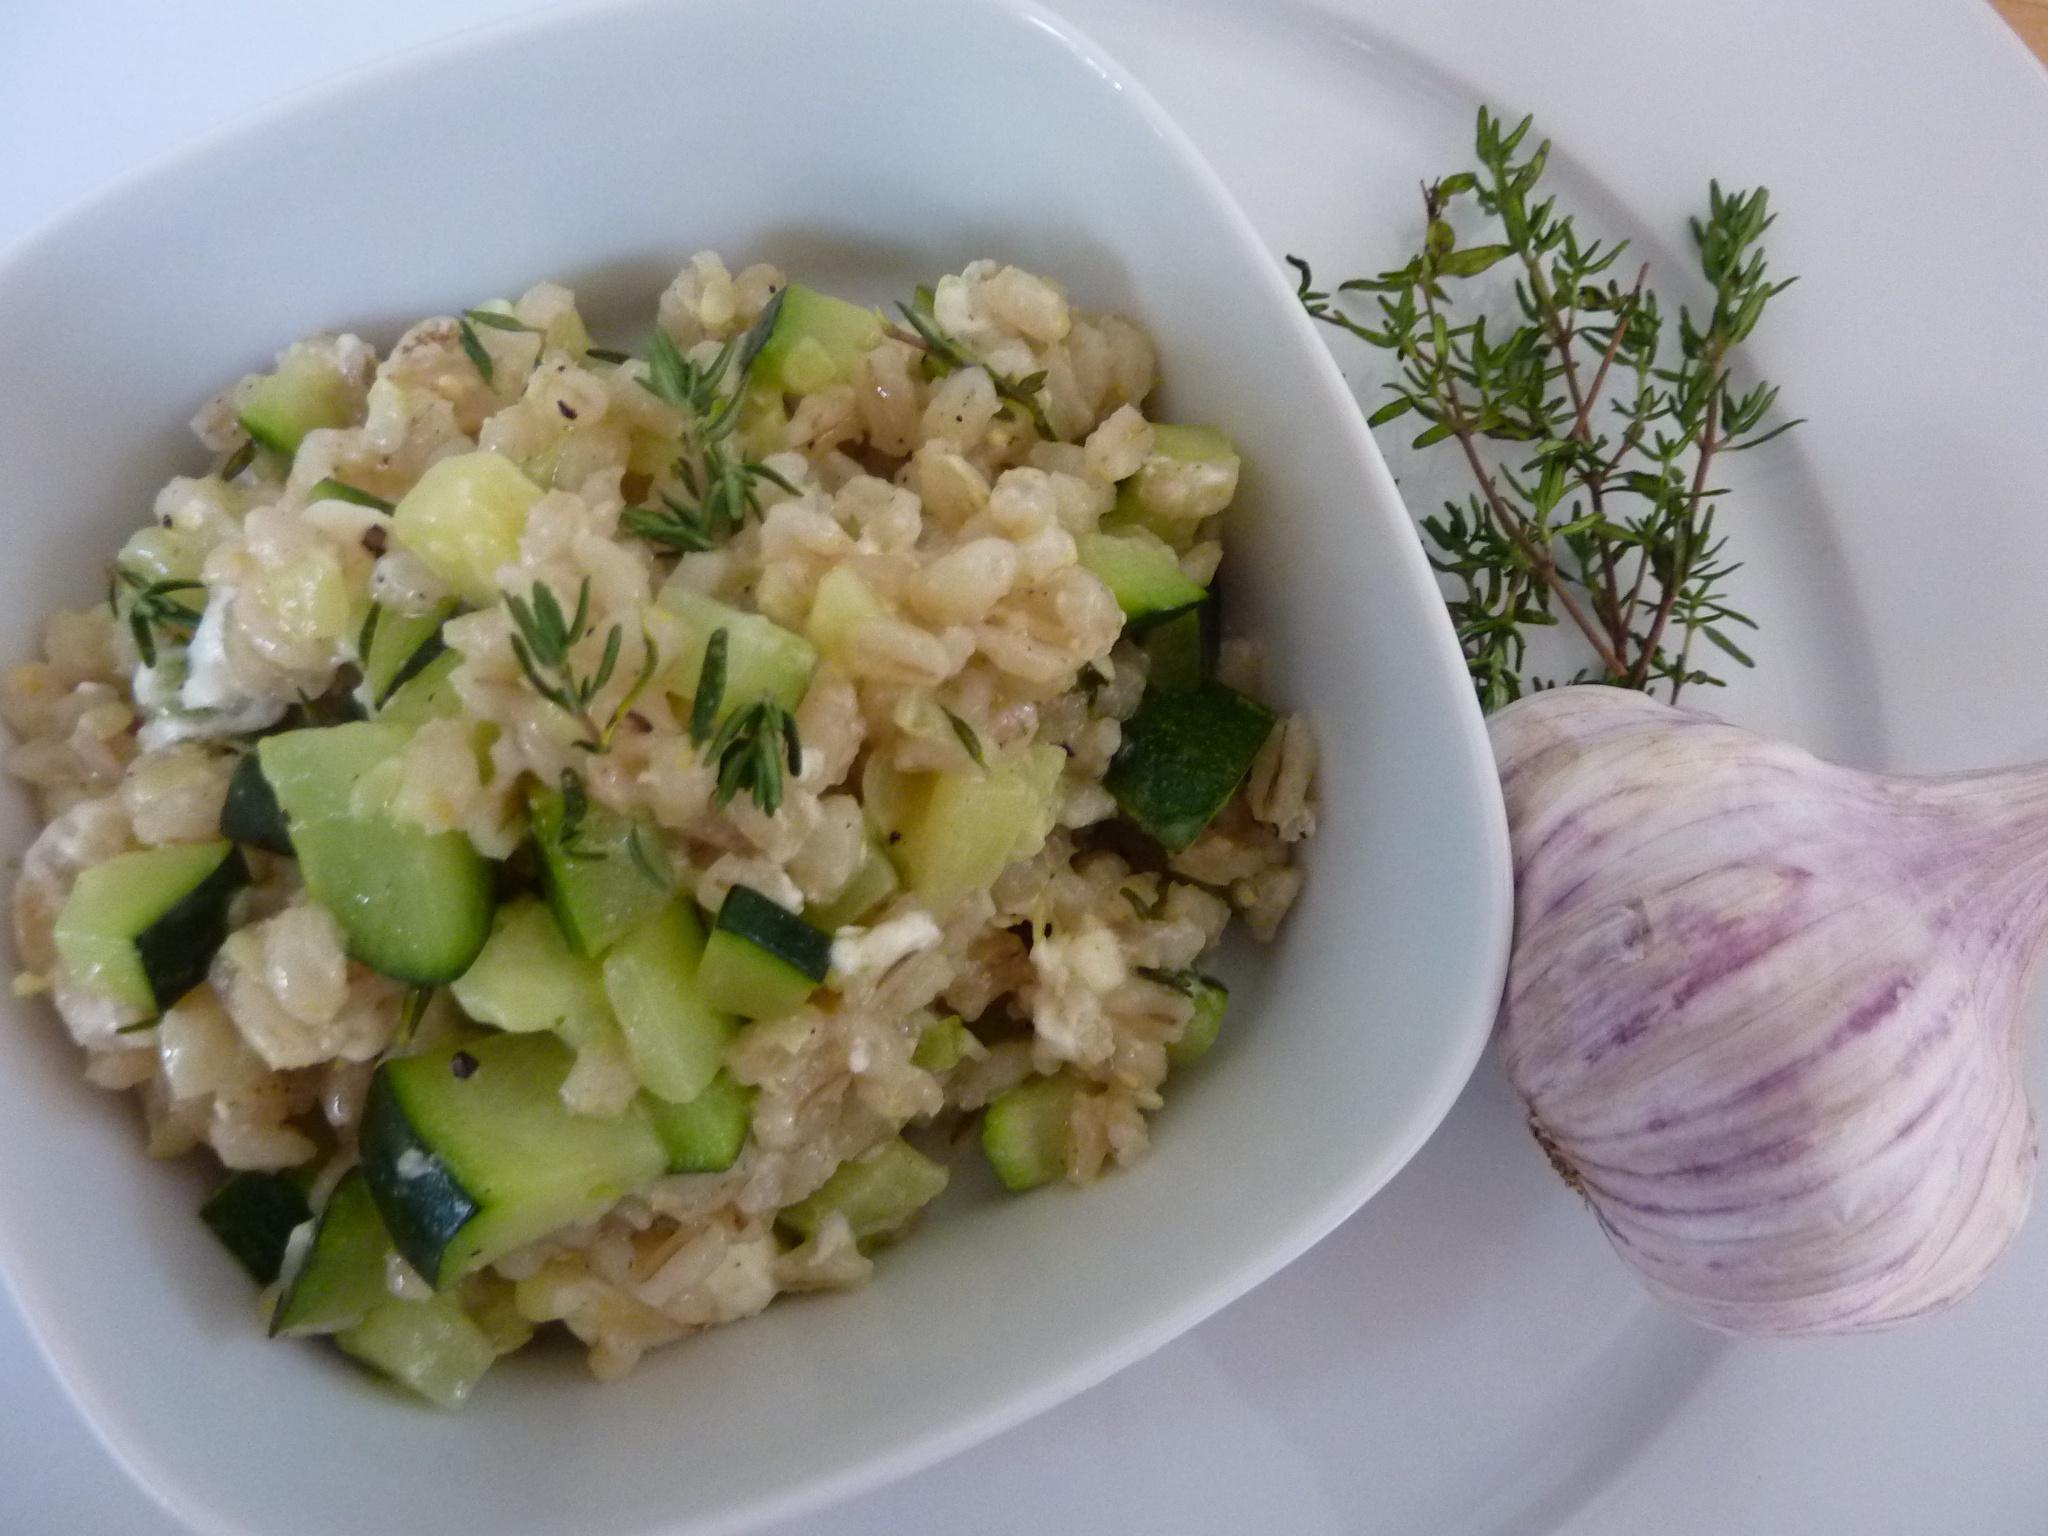 Rollgerstlrisotto mit Zucchini